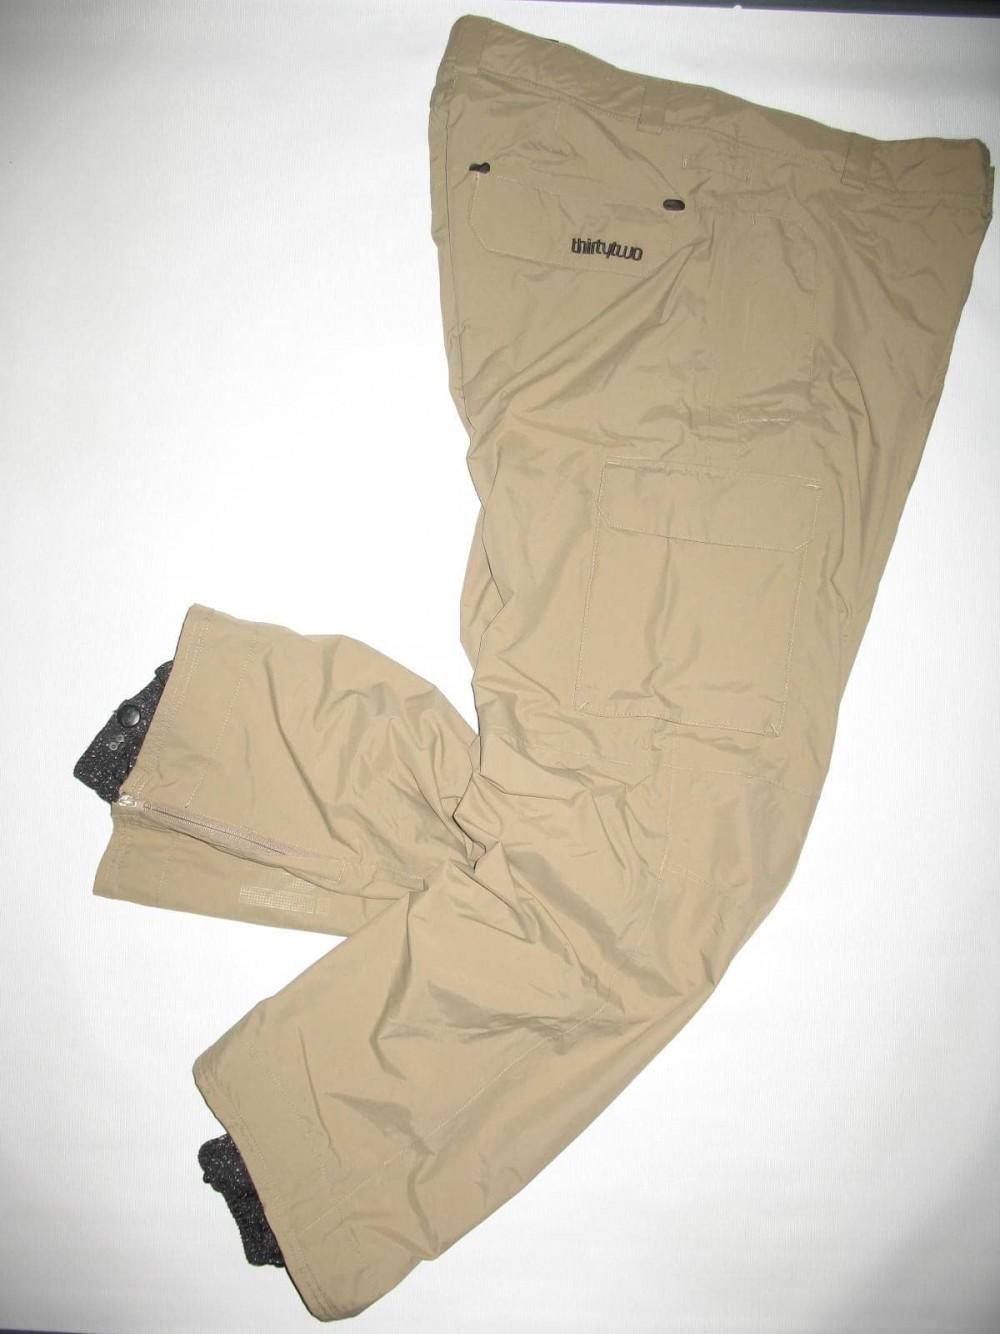 Штаны 32THIRTYTWO shilooh snowboard pants (размер XL) - 1